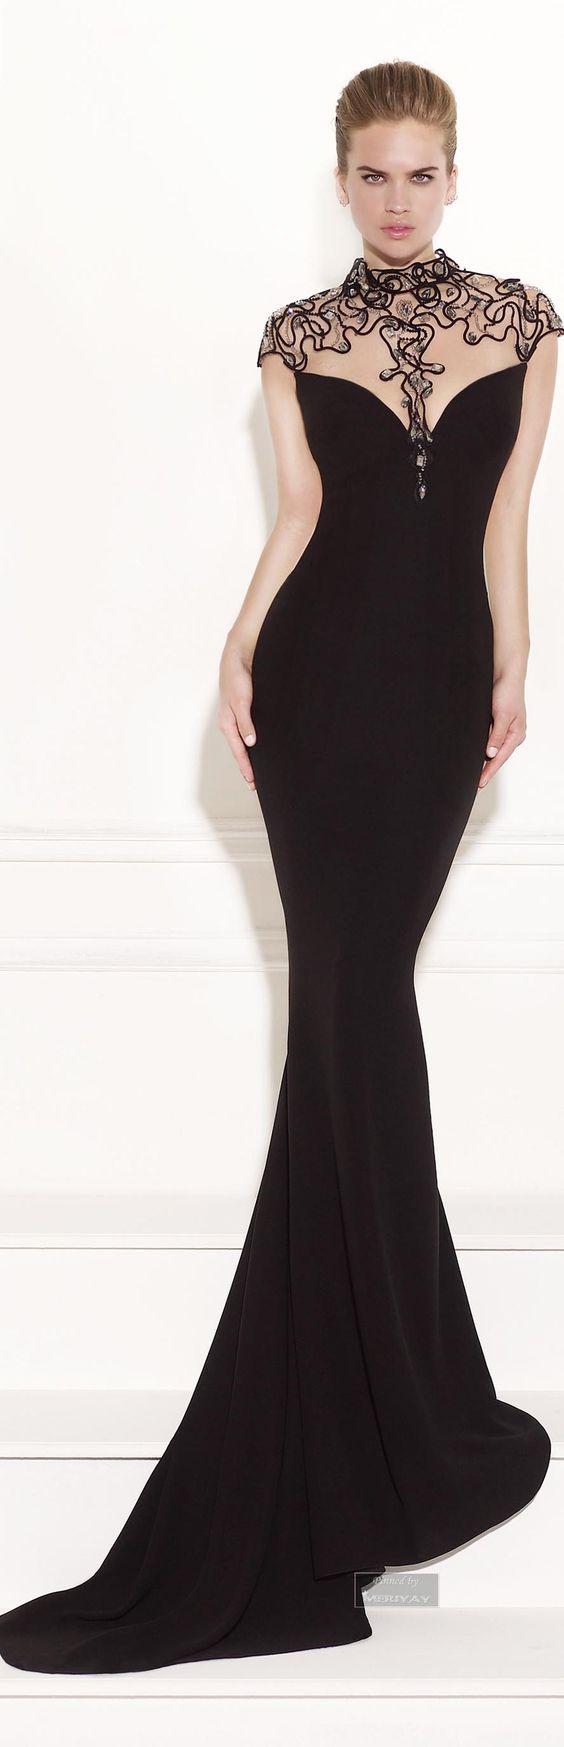 8aab9488465 Надев чёрное облегающее платье